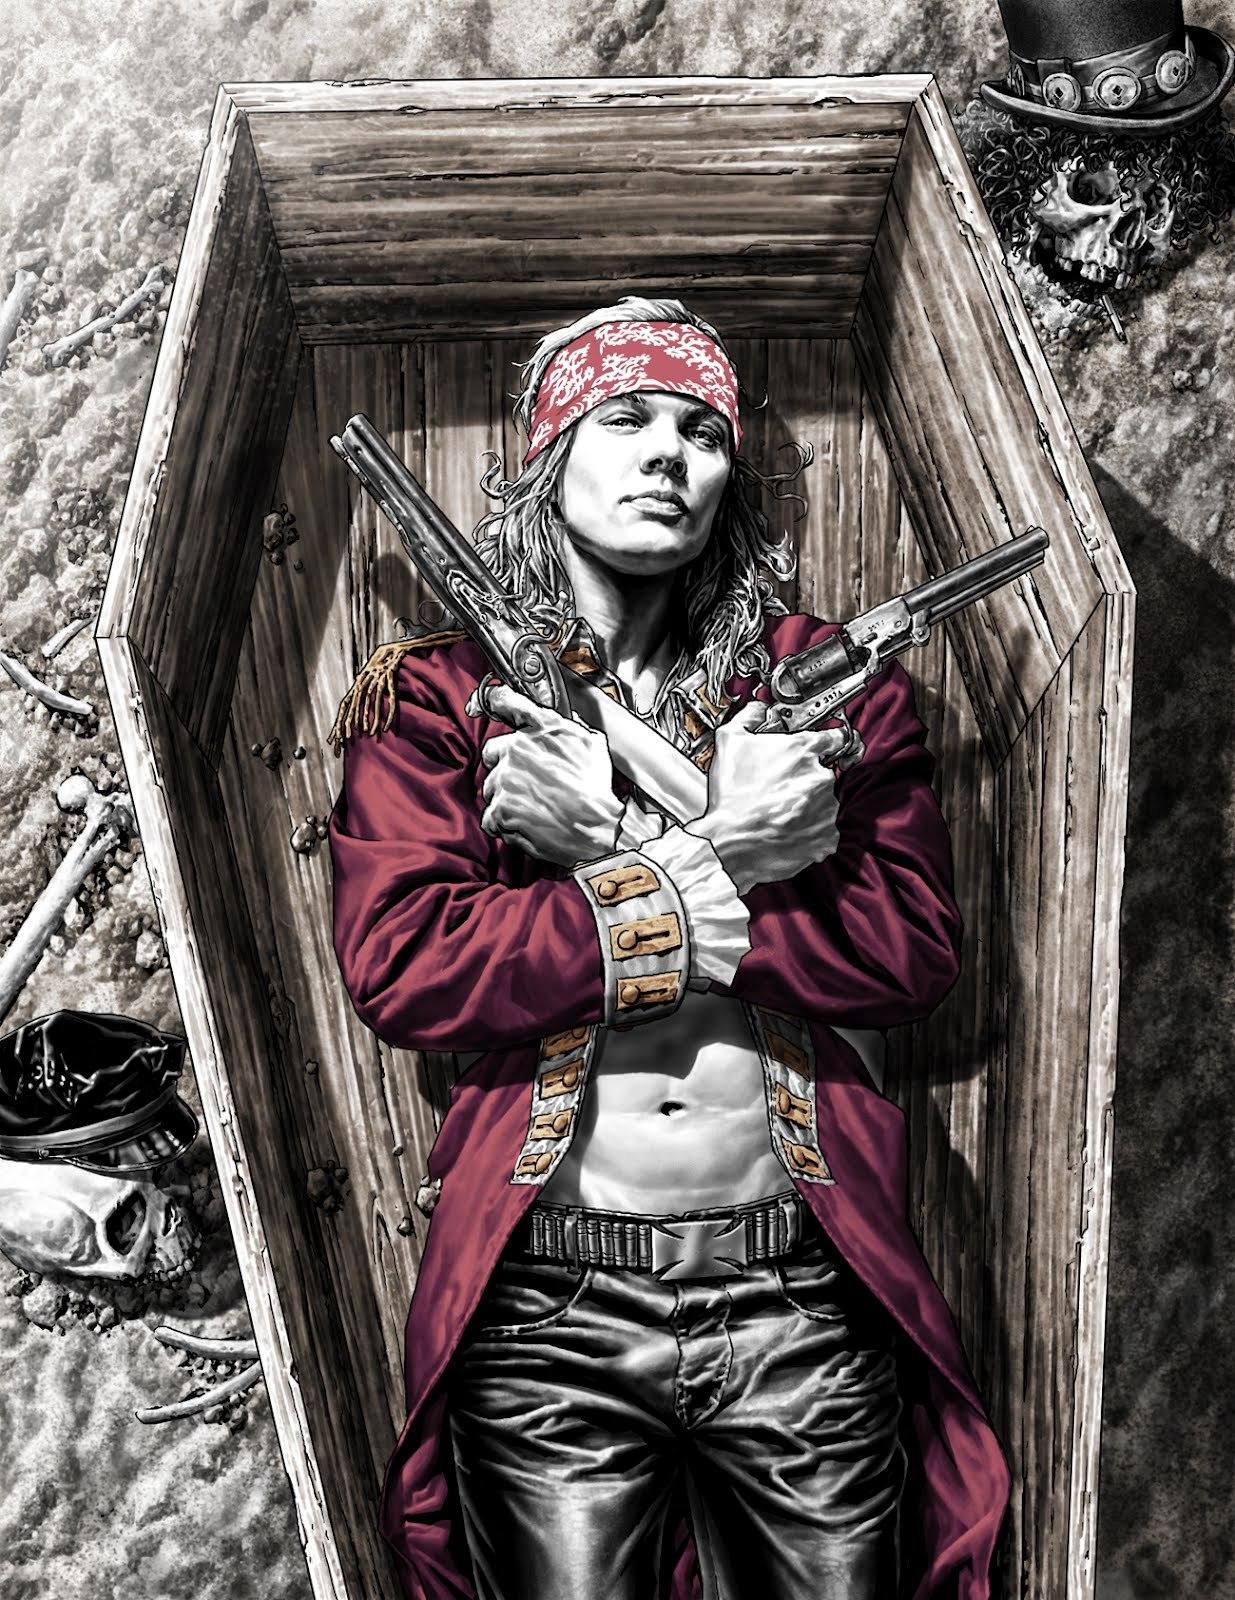 Wallpaper Axl Rose Musician Coffins Rock Bands Rockstar